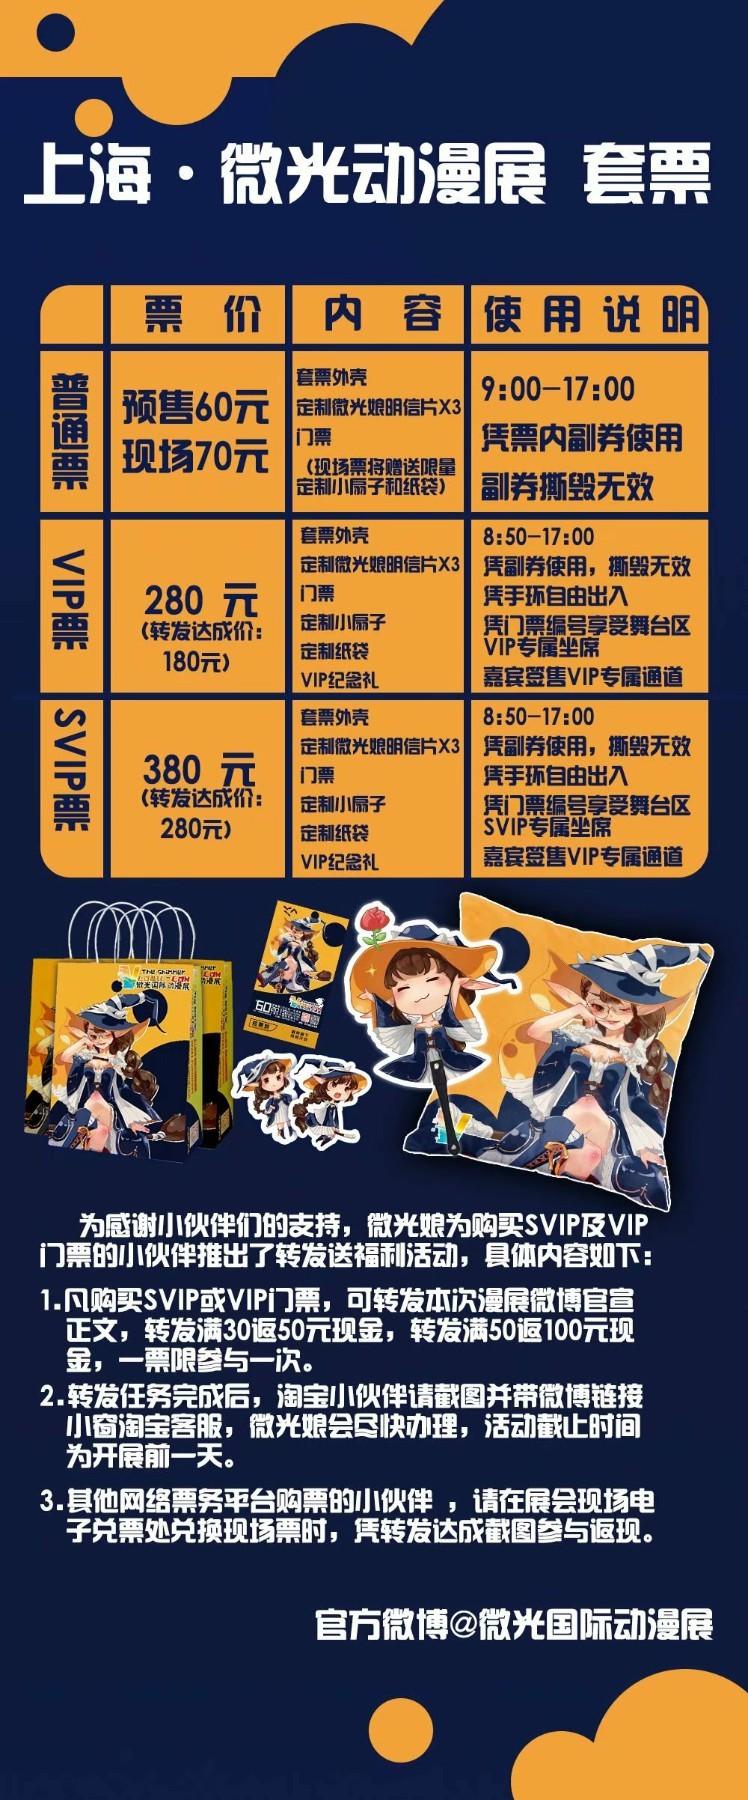 #上海微光国际动漫展#二宣发布-C3动漫网